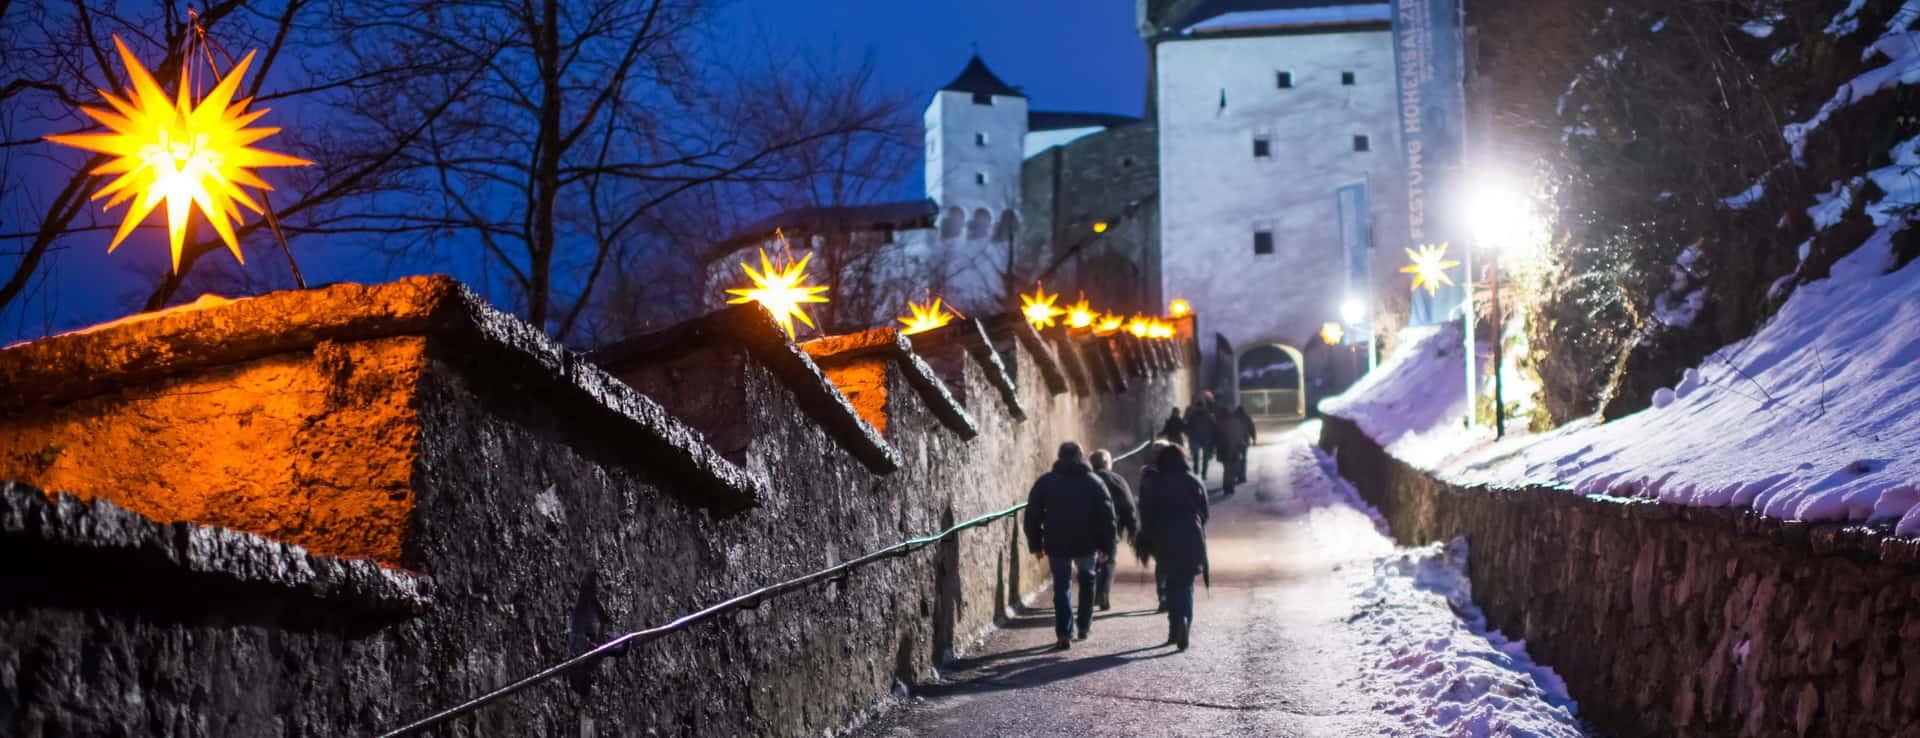 Jul julmarknad Advent adventmarknad Vinter Salzburg semester vintersemester Österrike Hohensalzburg fästning